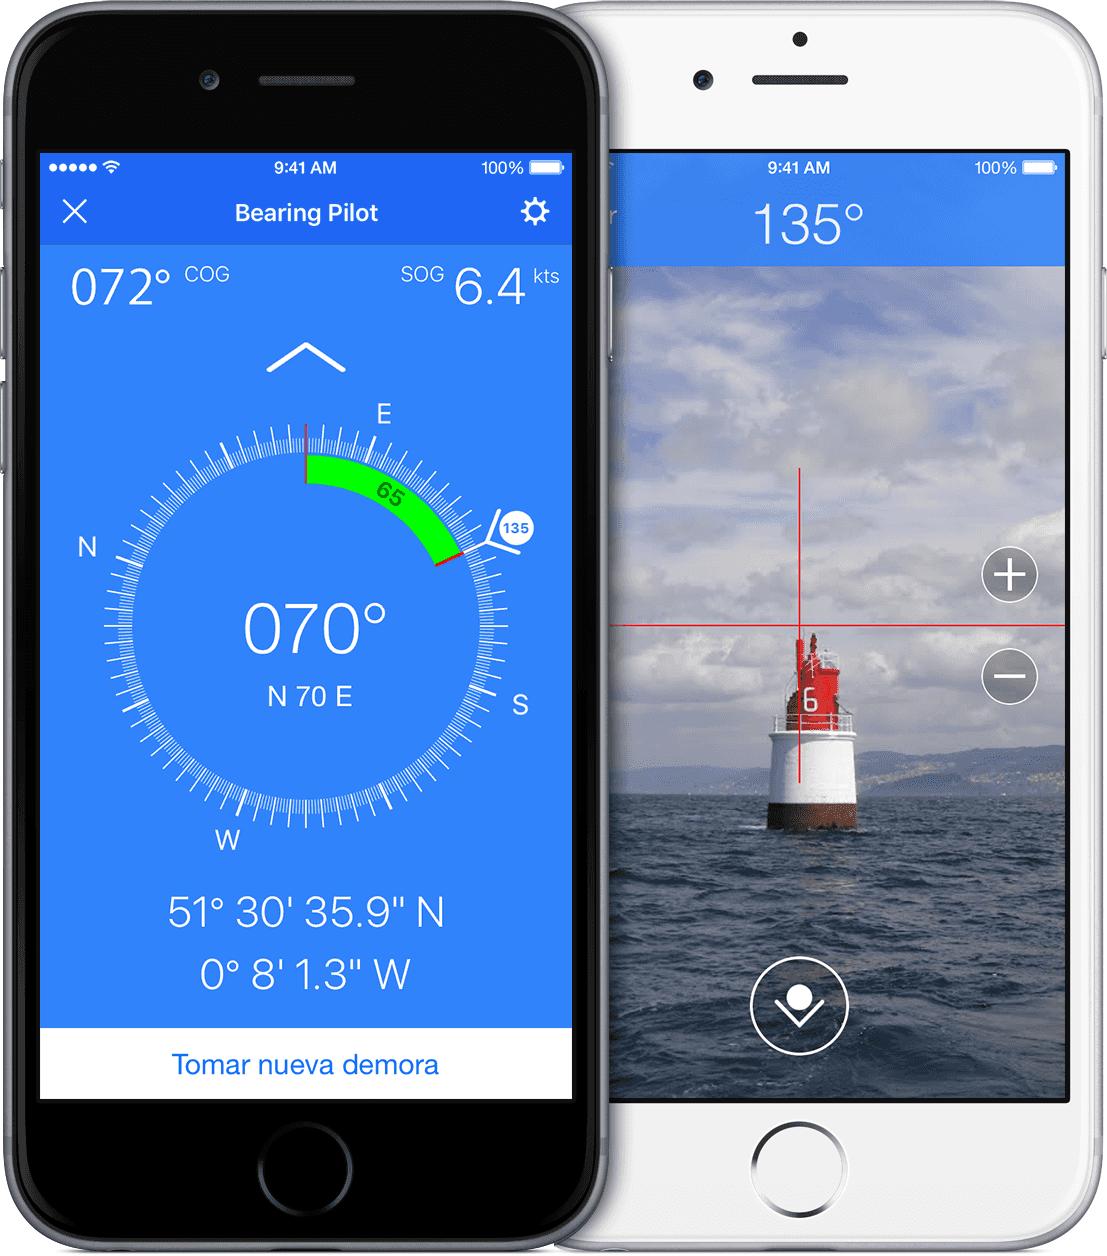 Marinus renueva su compás de marcaciones: Bearing Pilot (iOS)